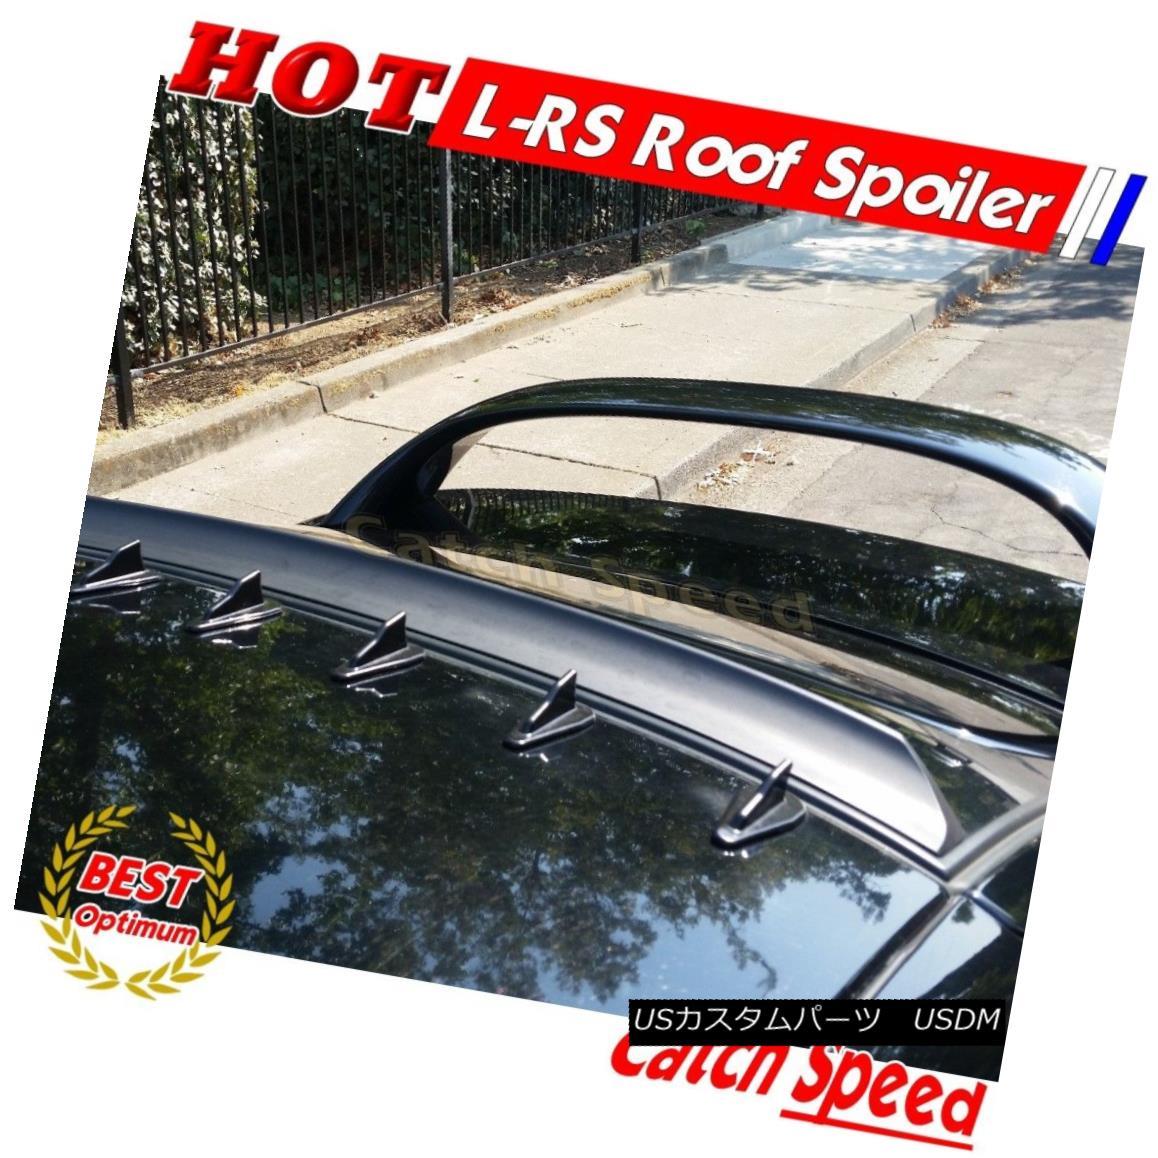 エアロパーツ Painted LRS Type Rear Window Roof Spoiler Wing For Audi A8 D2 Sedan 1994~2002 ? 塗装されたLRSタイプリアウィンドウルーフスポイラーウイングAudi A8 D2セダン1994?2002?